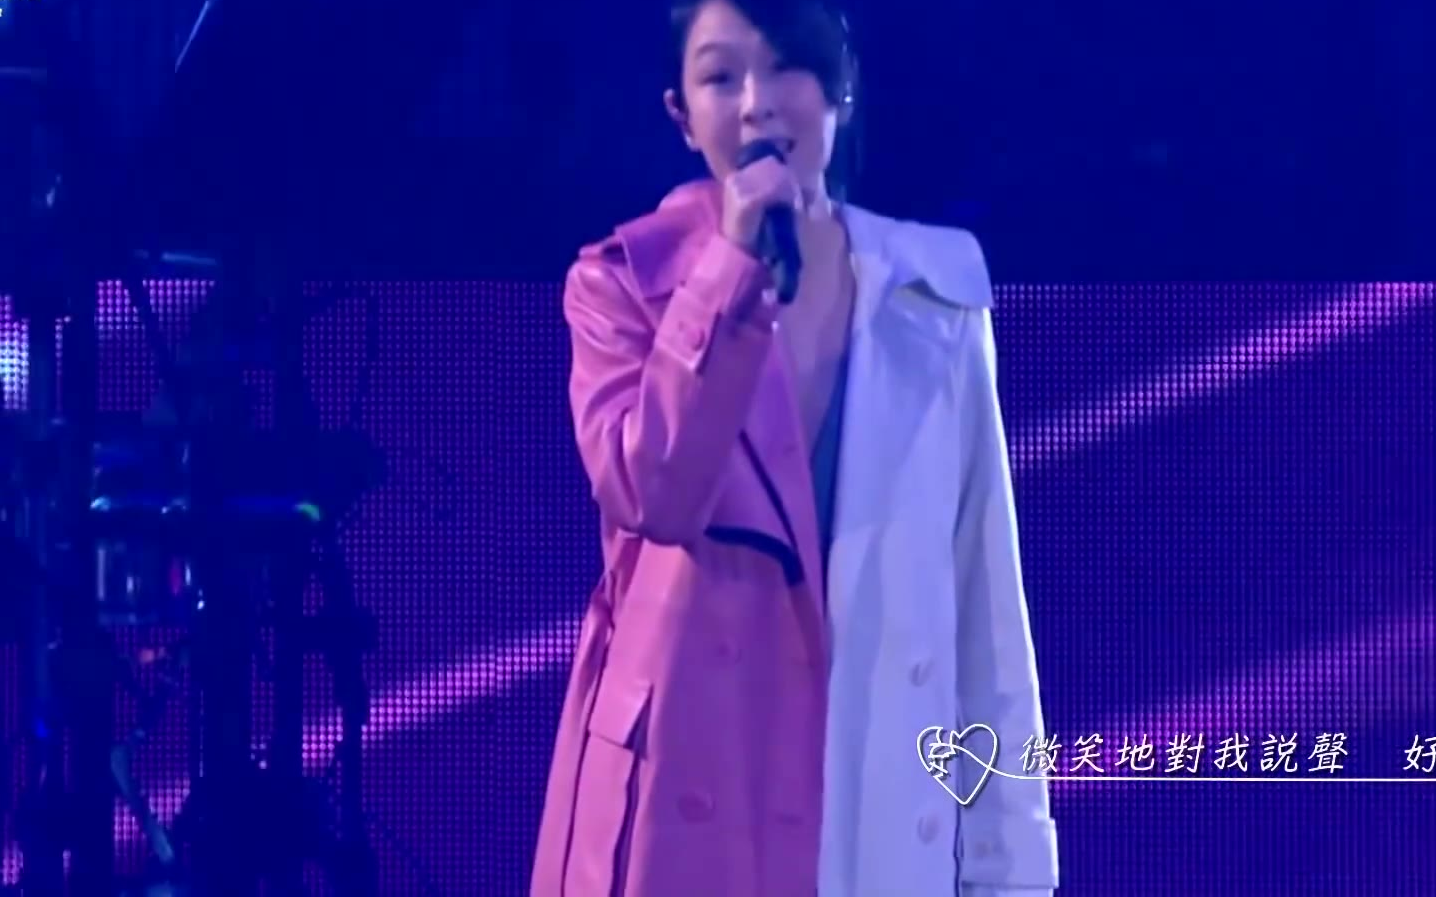 刘若英刘若英四曲连唱《后来》《成全》《很爱很爱你》《所有相爱的人啊》